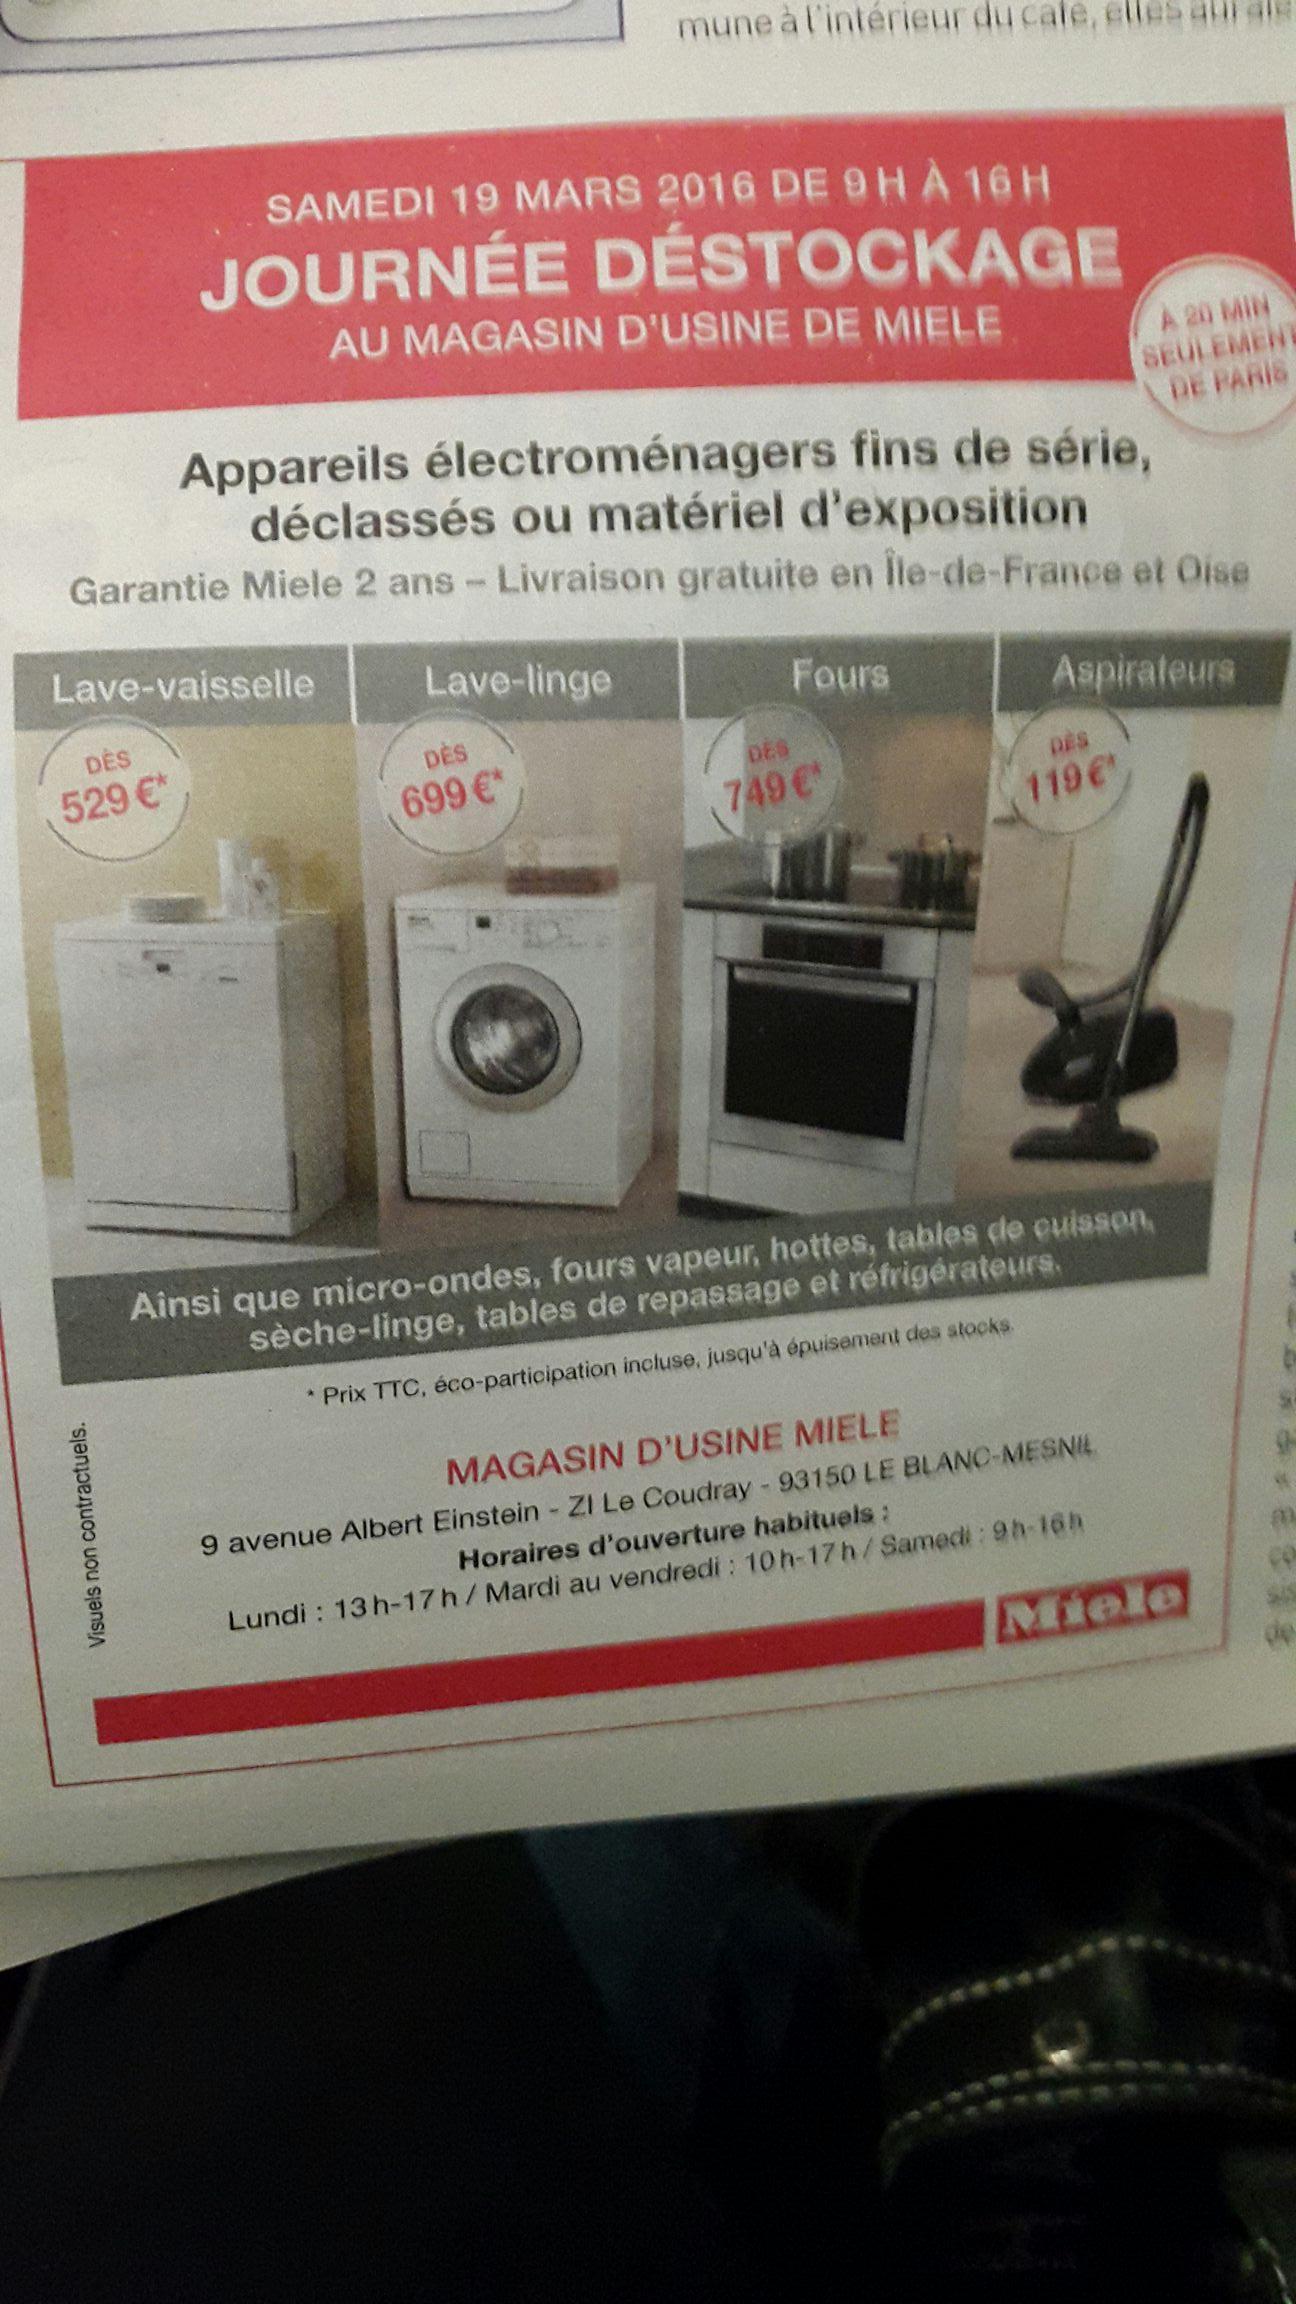 Sélection d'appareils électroménagers en déstockage